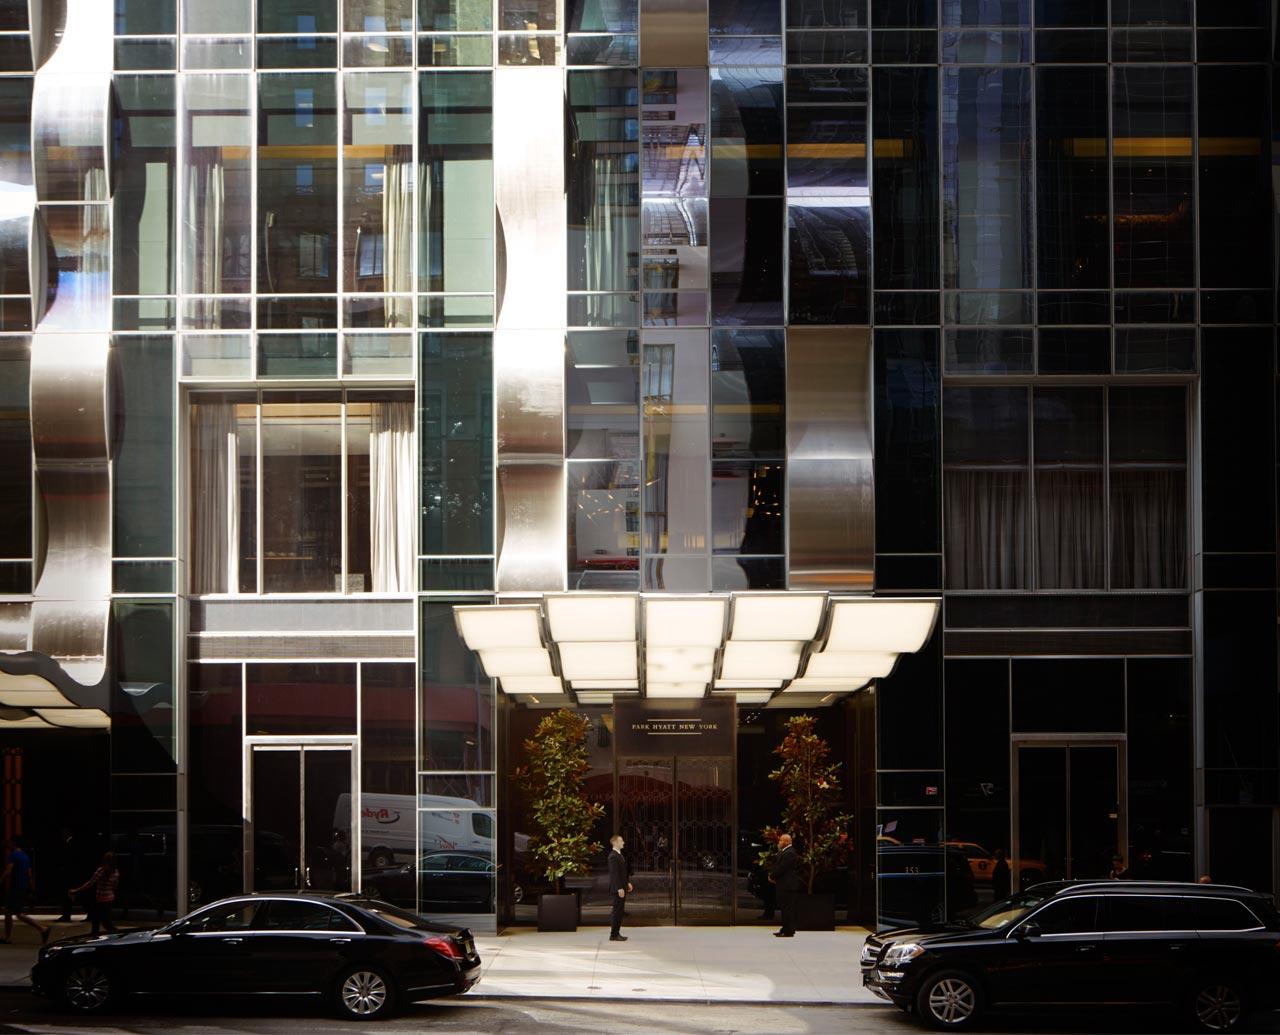 Park Hyatt NYC